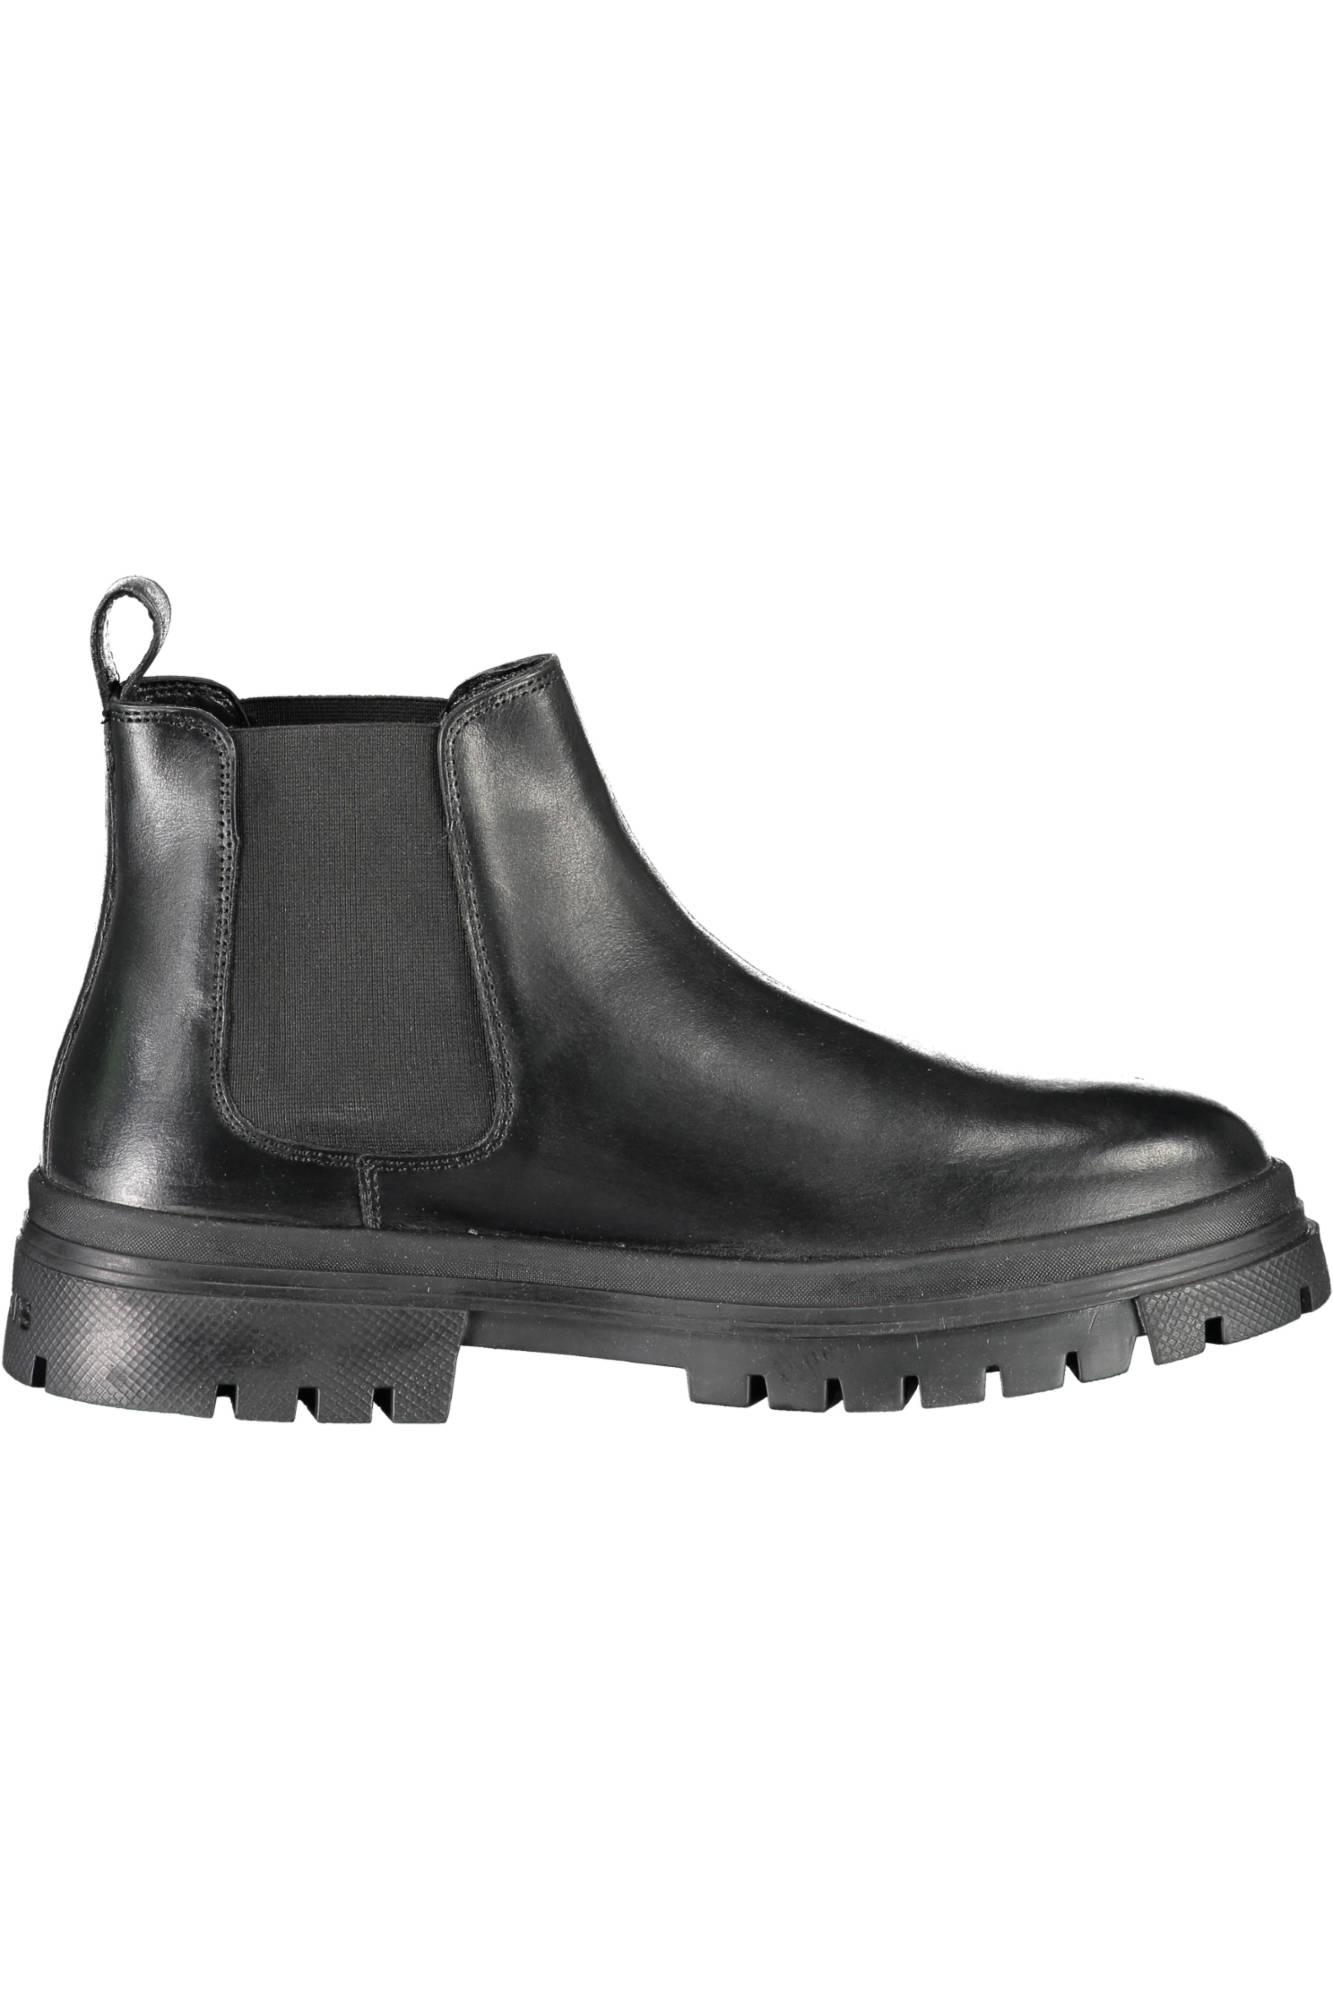 Boty LEVI'S kotníkové boty NERO